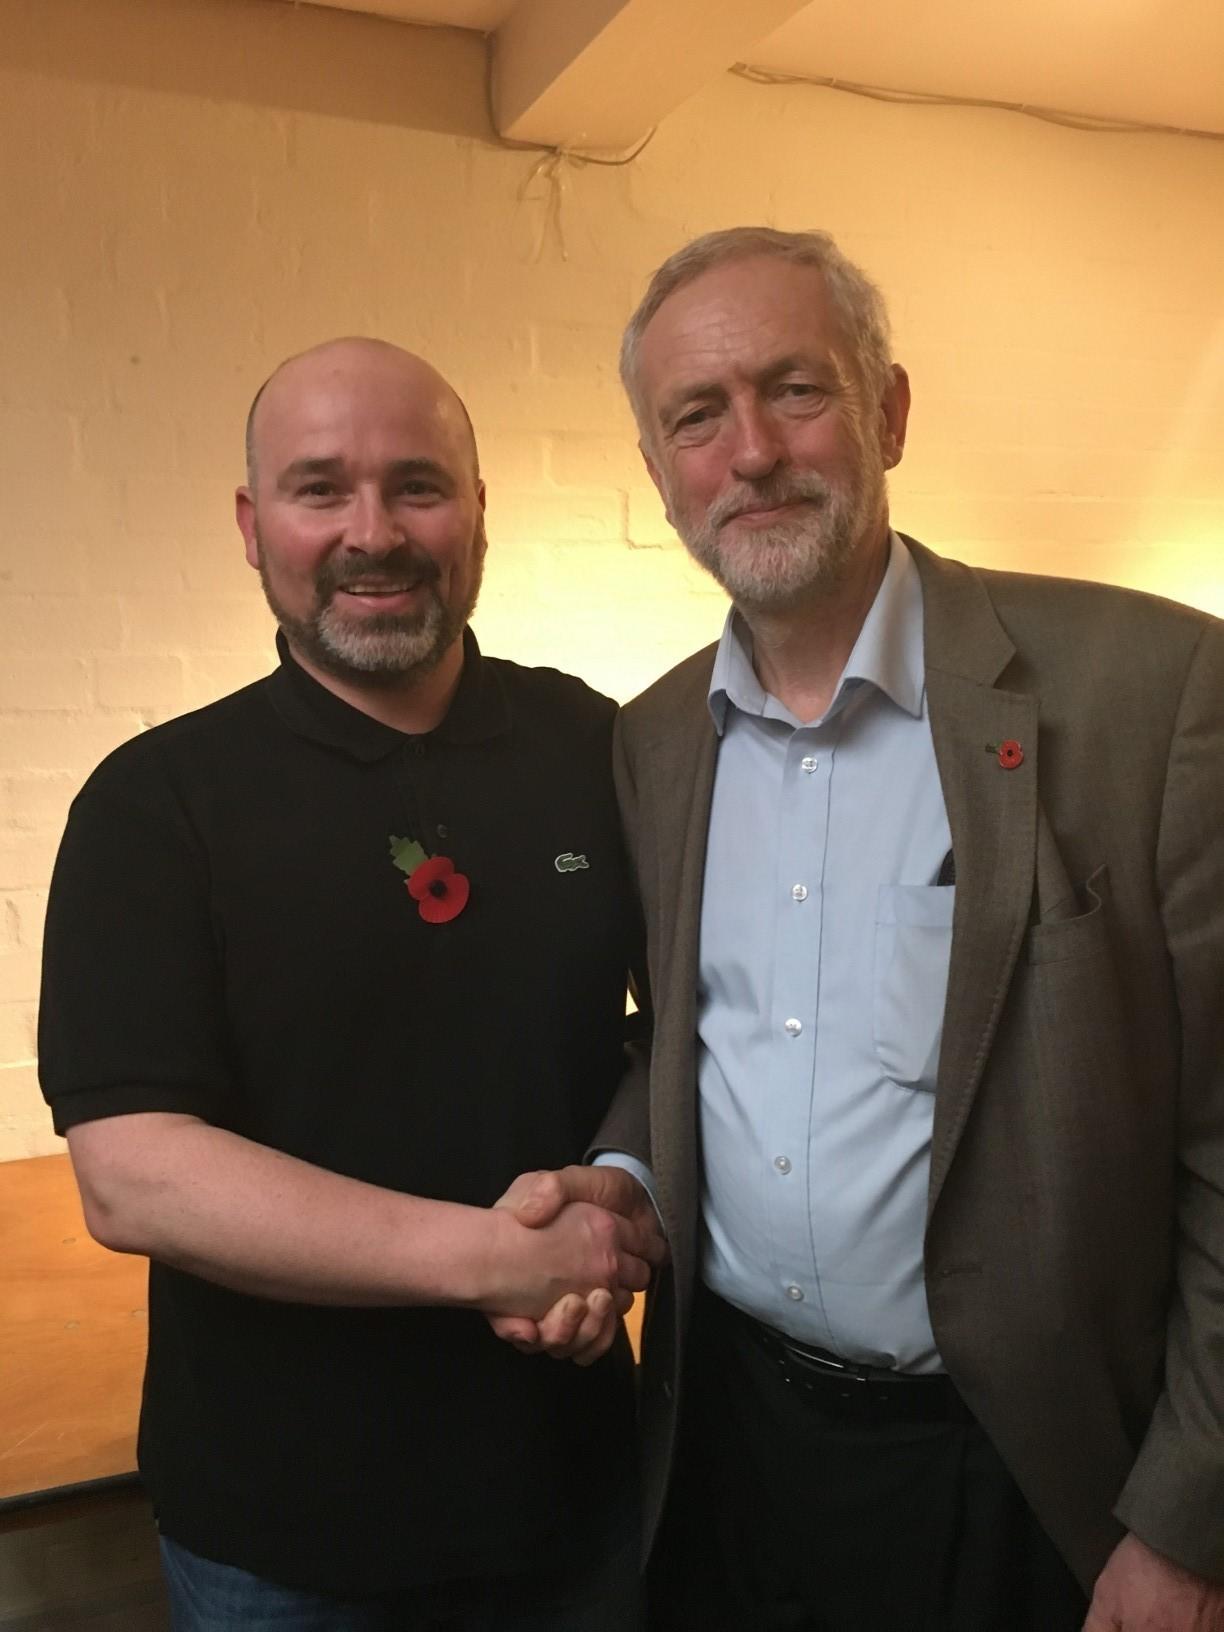 ColinFlack_JeremyCorbyn_(2).jpg